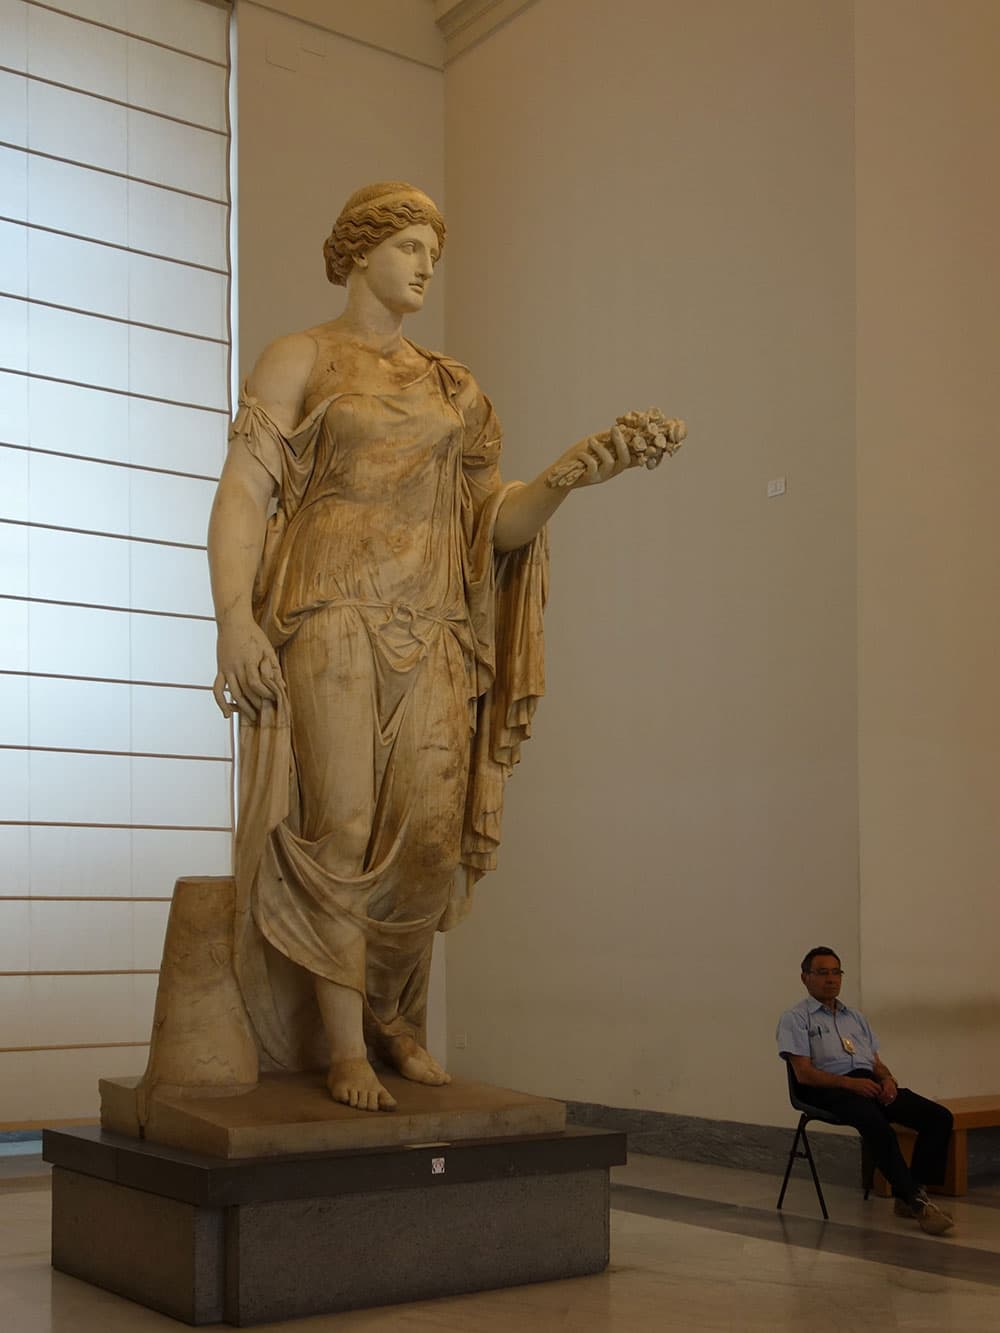 A statue inside Archaeological Museum in Naples © John Karwoski